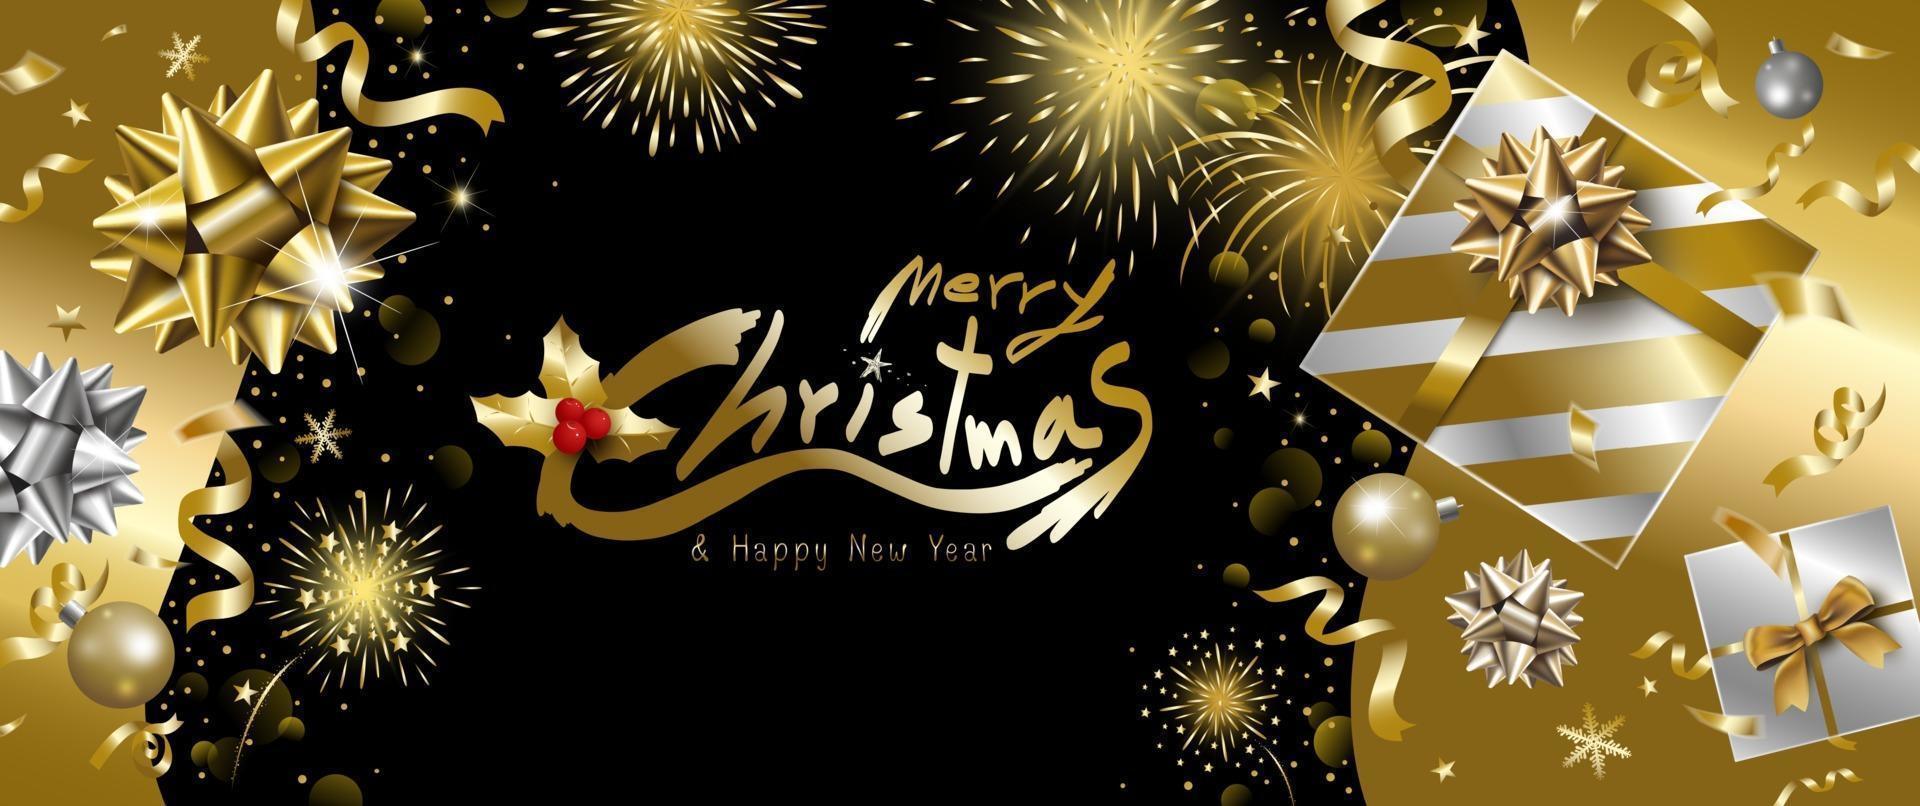 Feliz Natal e feliz ano novo desenho de banner de caixa de presente de luxo com fita caindo e ilustração vetorial de fundo de fogos de artifício vetor